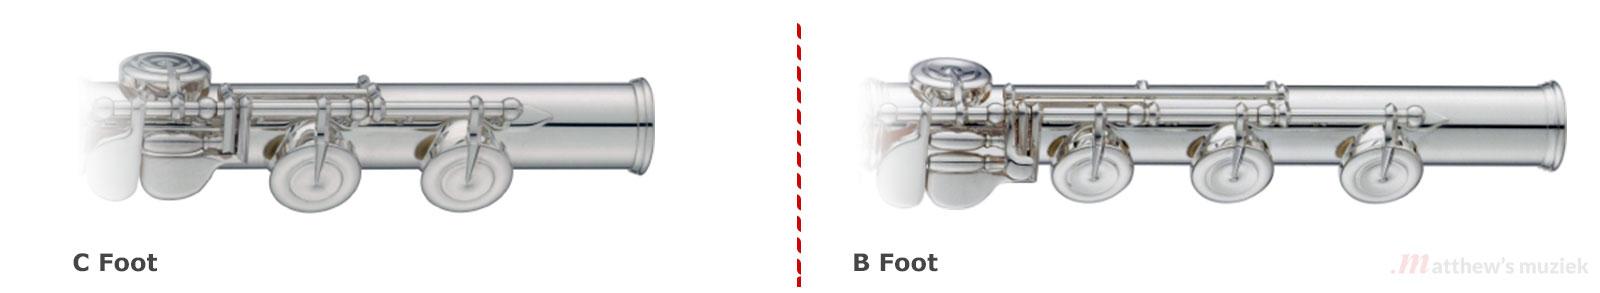 Flute Options: C-Foot vs B-Foot